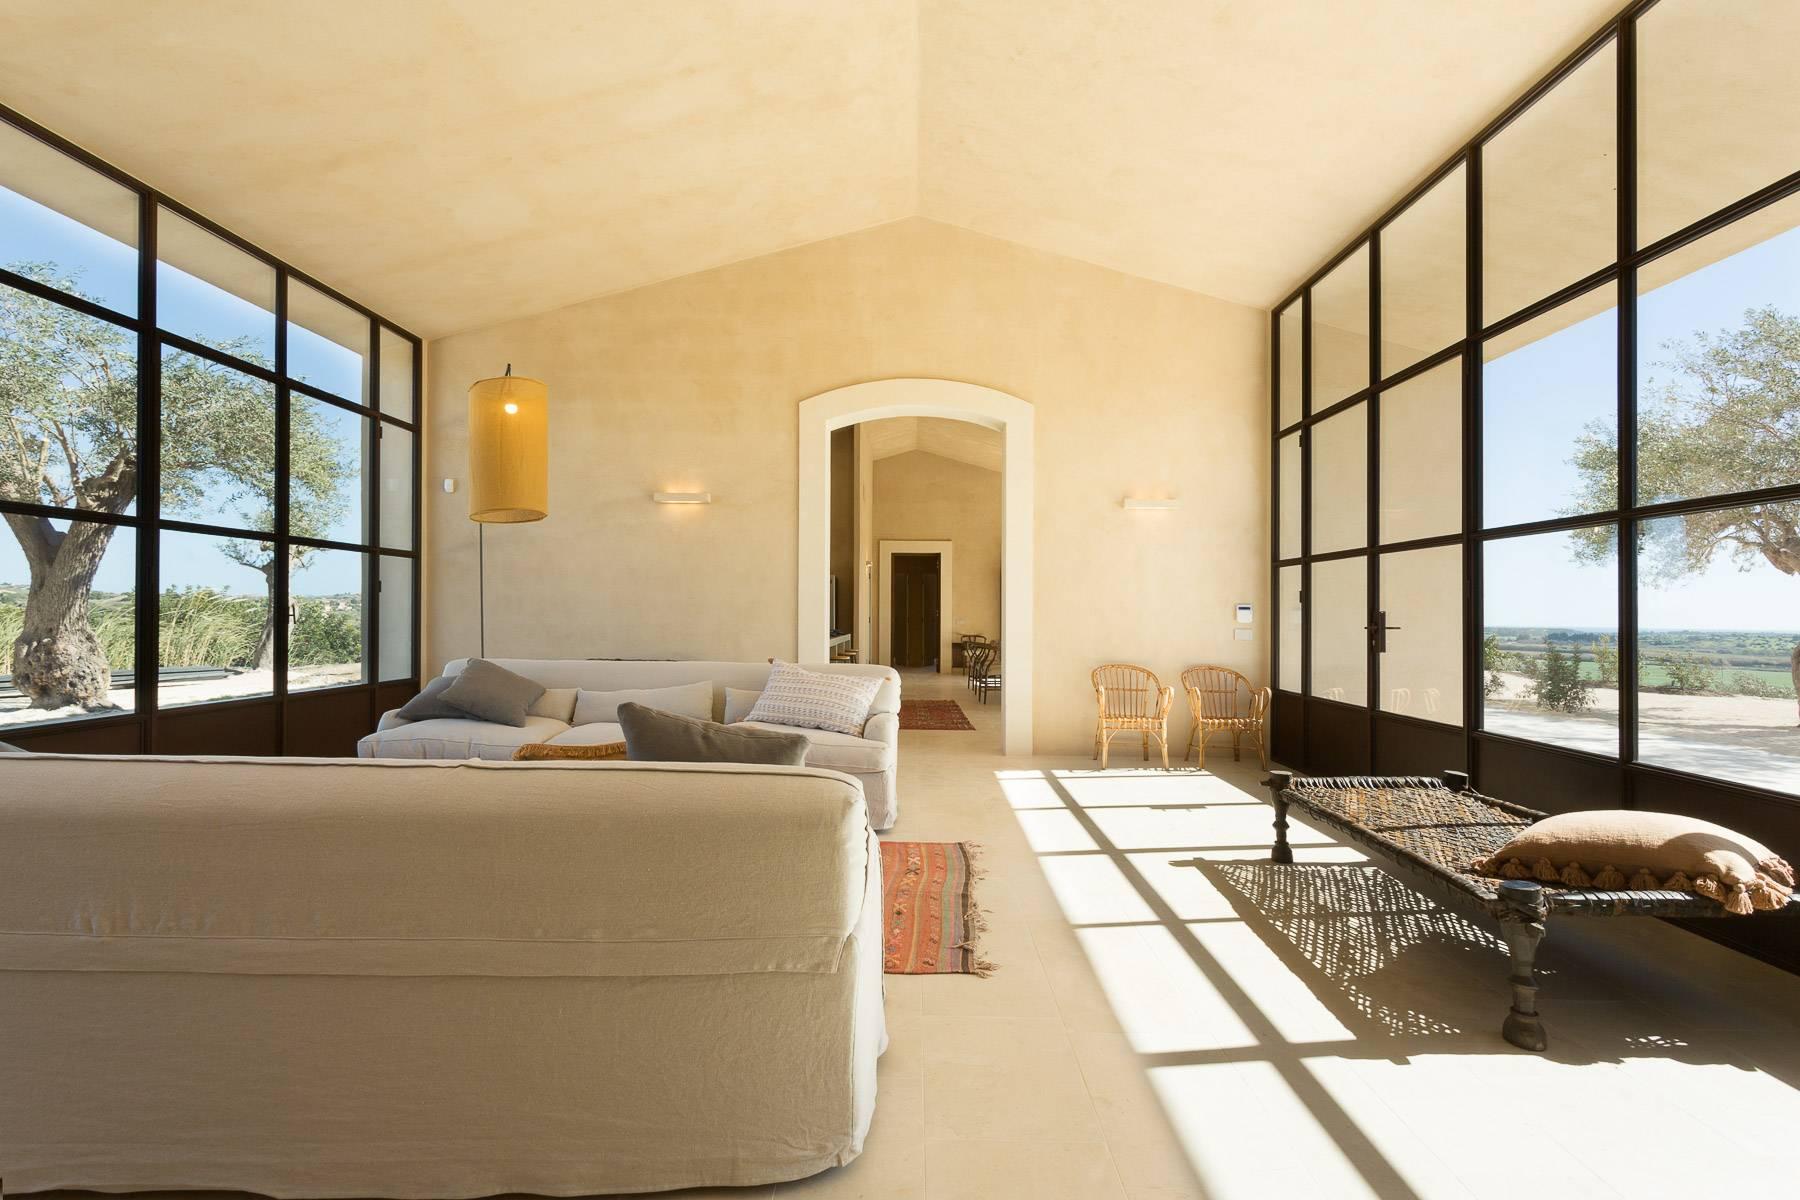 Villa in Vendita a Noto: 5 locali, 270 mq - Foto 5